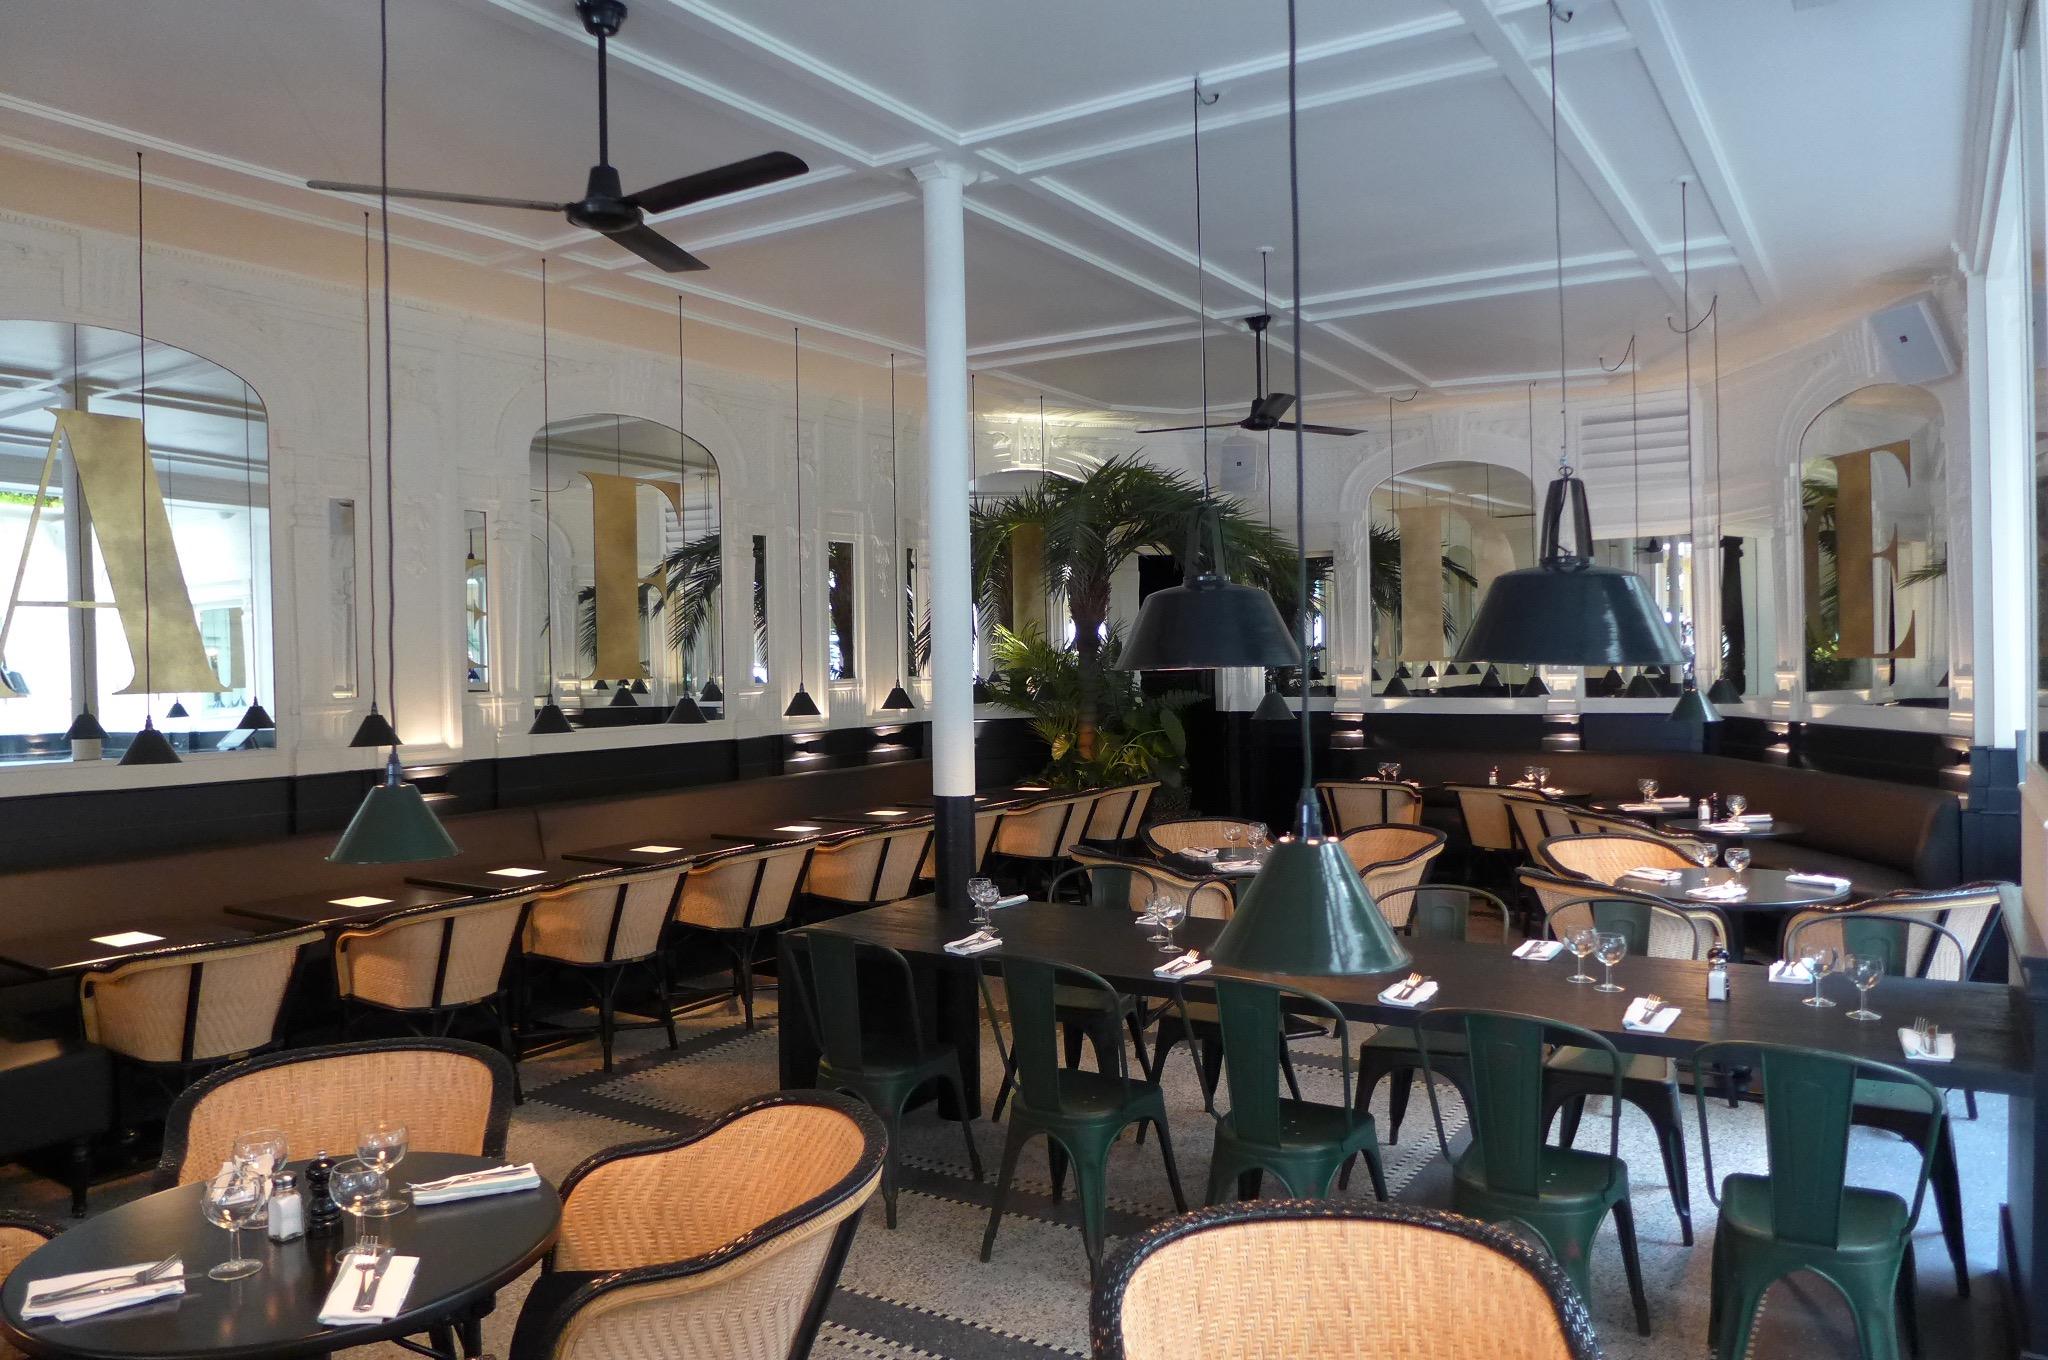 D cor le blog de gilles pudlowski les pieds dans le plat - Restaurant la grille paris 10 ...